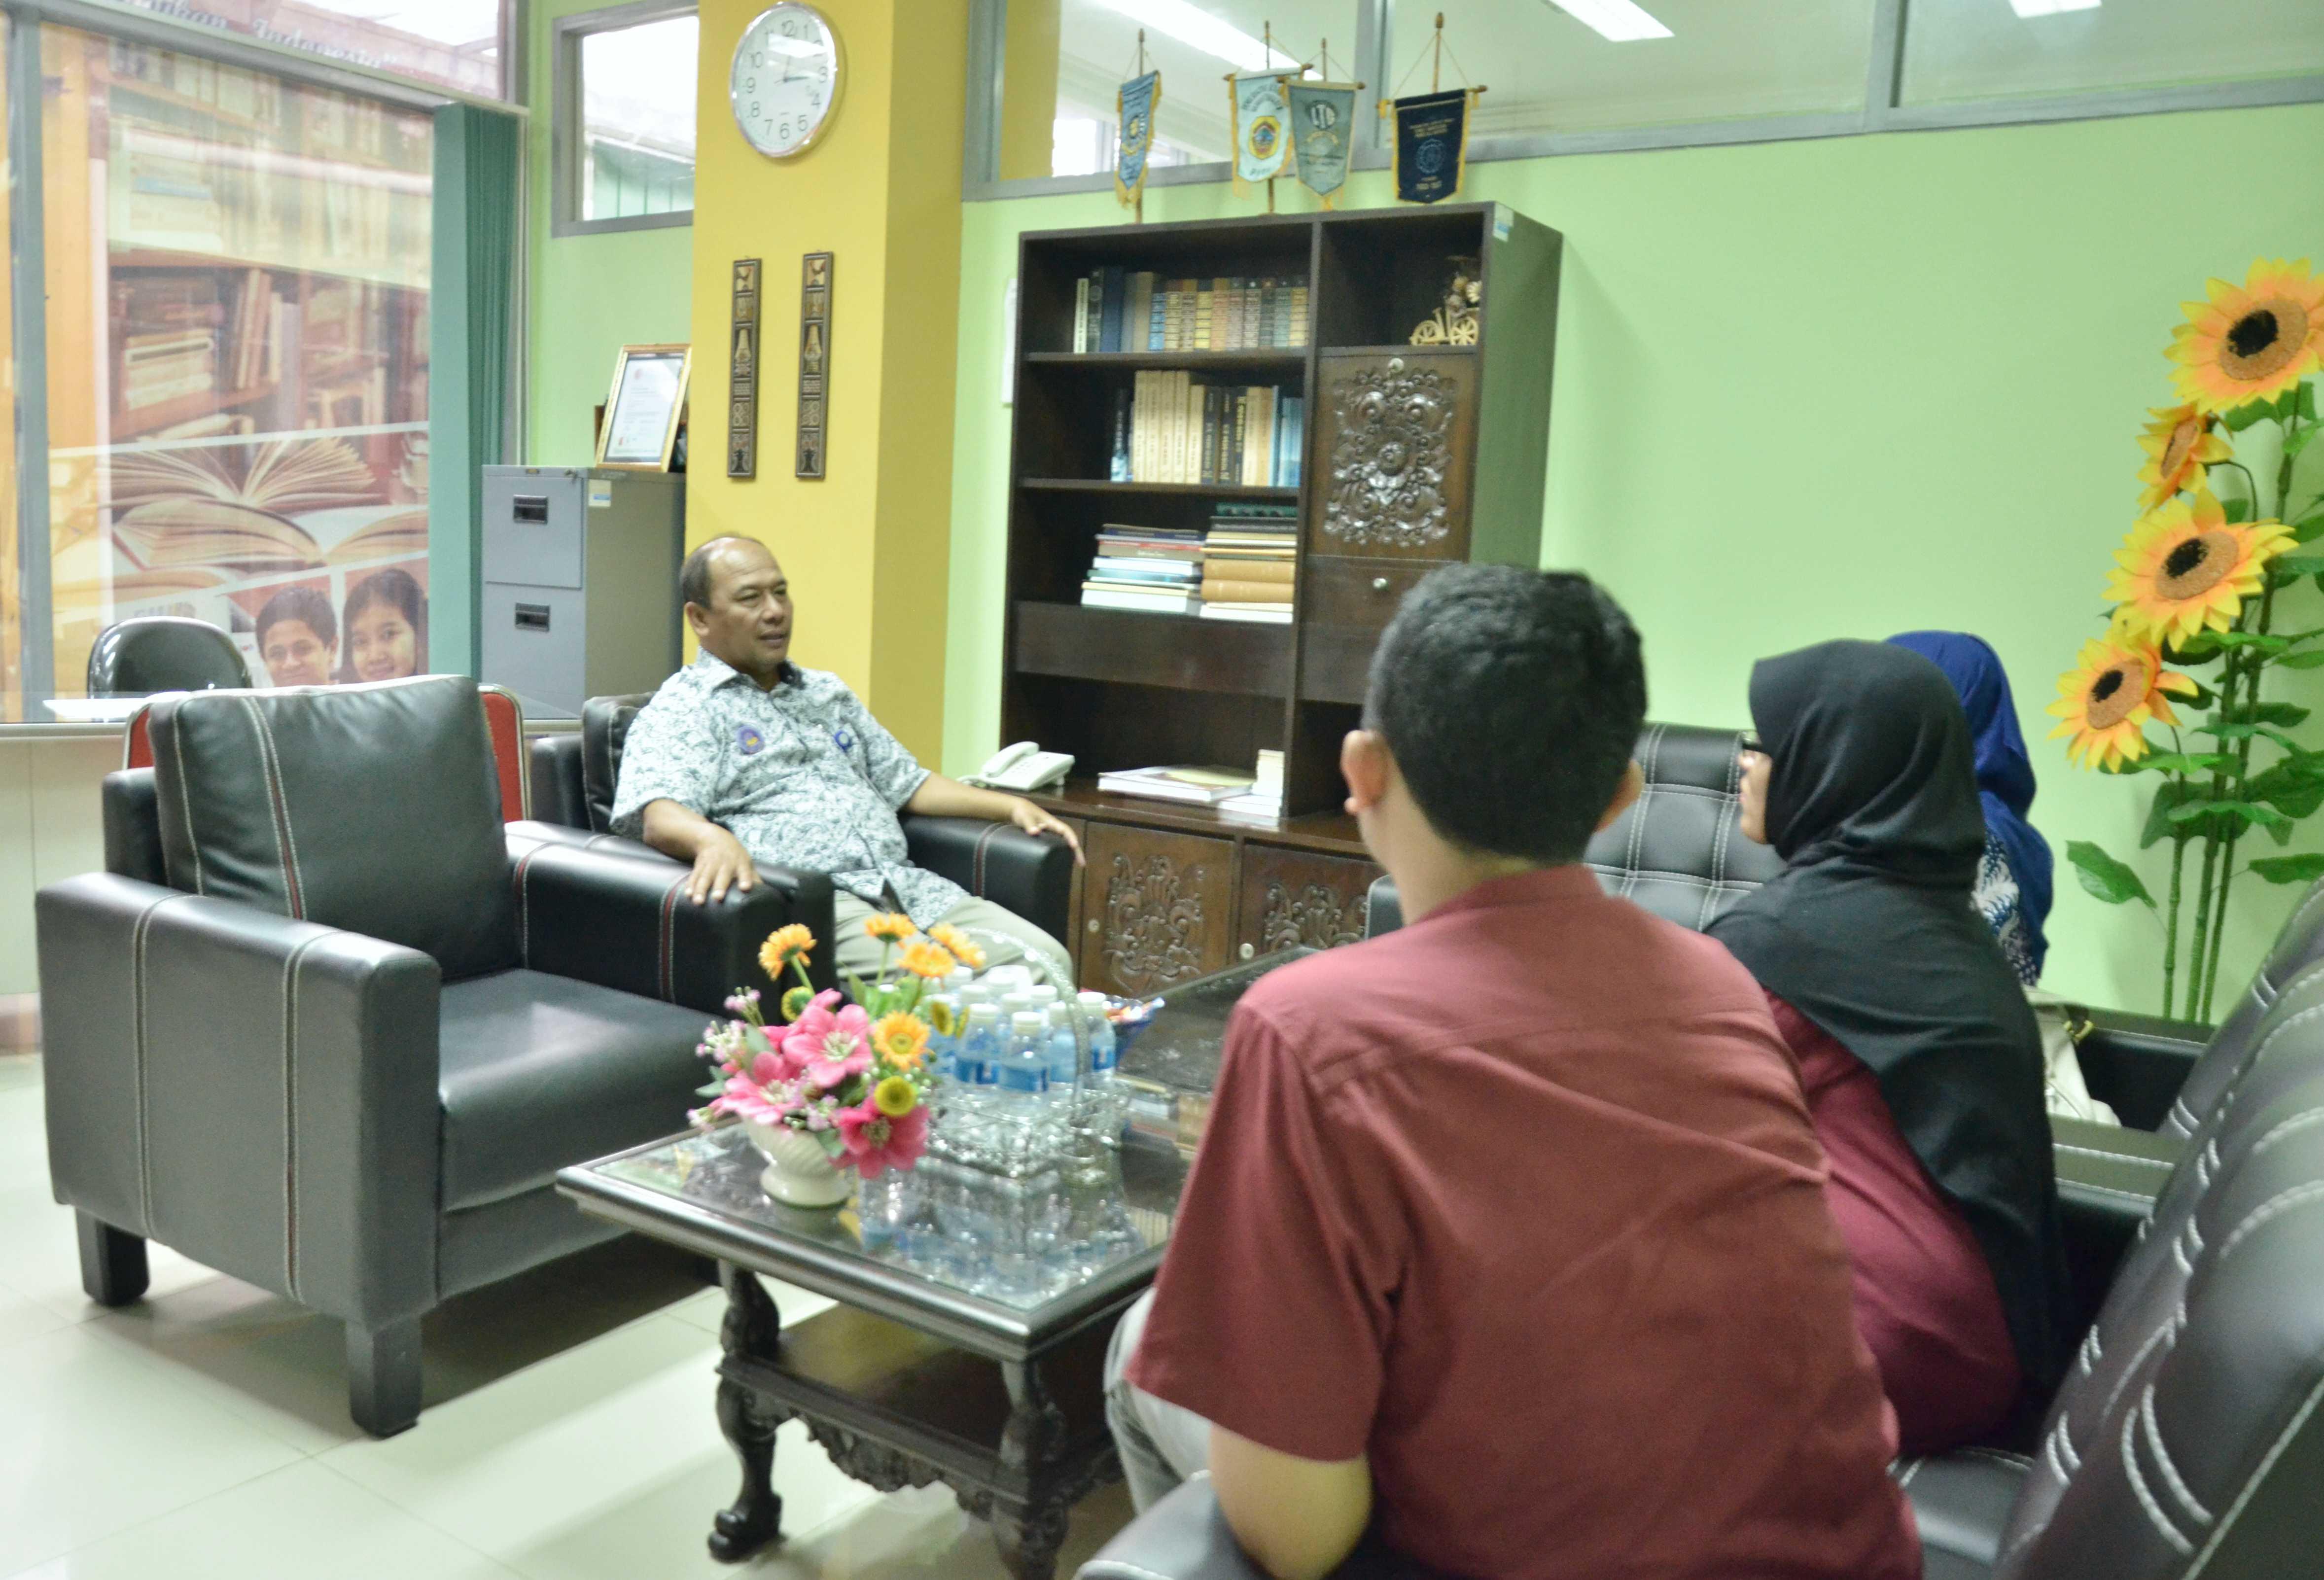 Perpustakaan uns menerima kunjungan studi literatur fakultas hukum unair